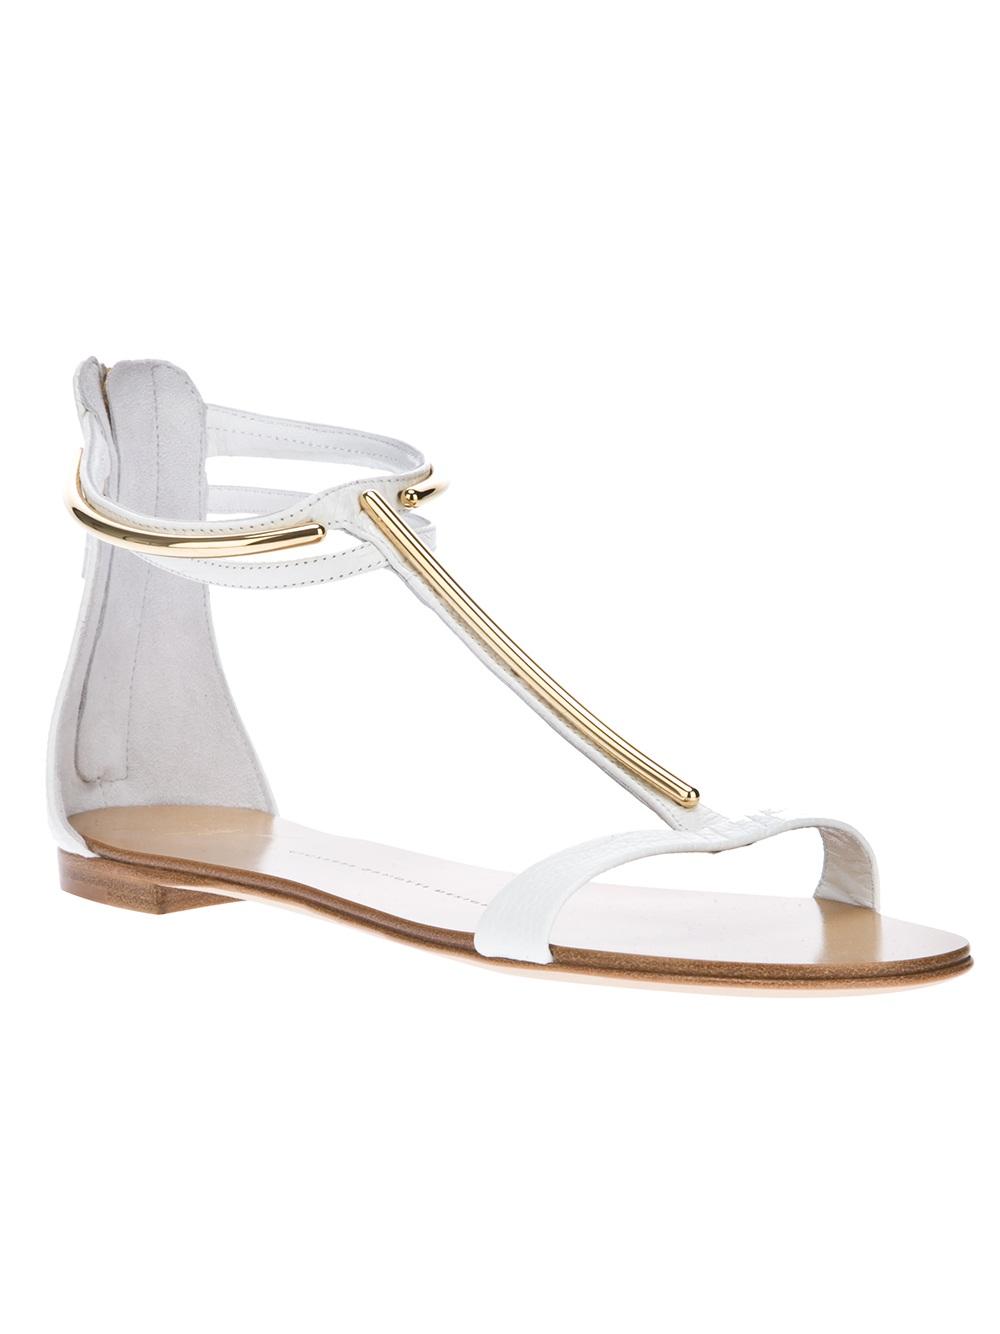 c0d25d3e35d1 Lyst - Giuseppe Zanotti T-bar Sandal in White